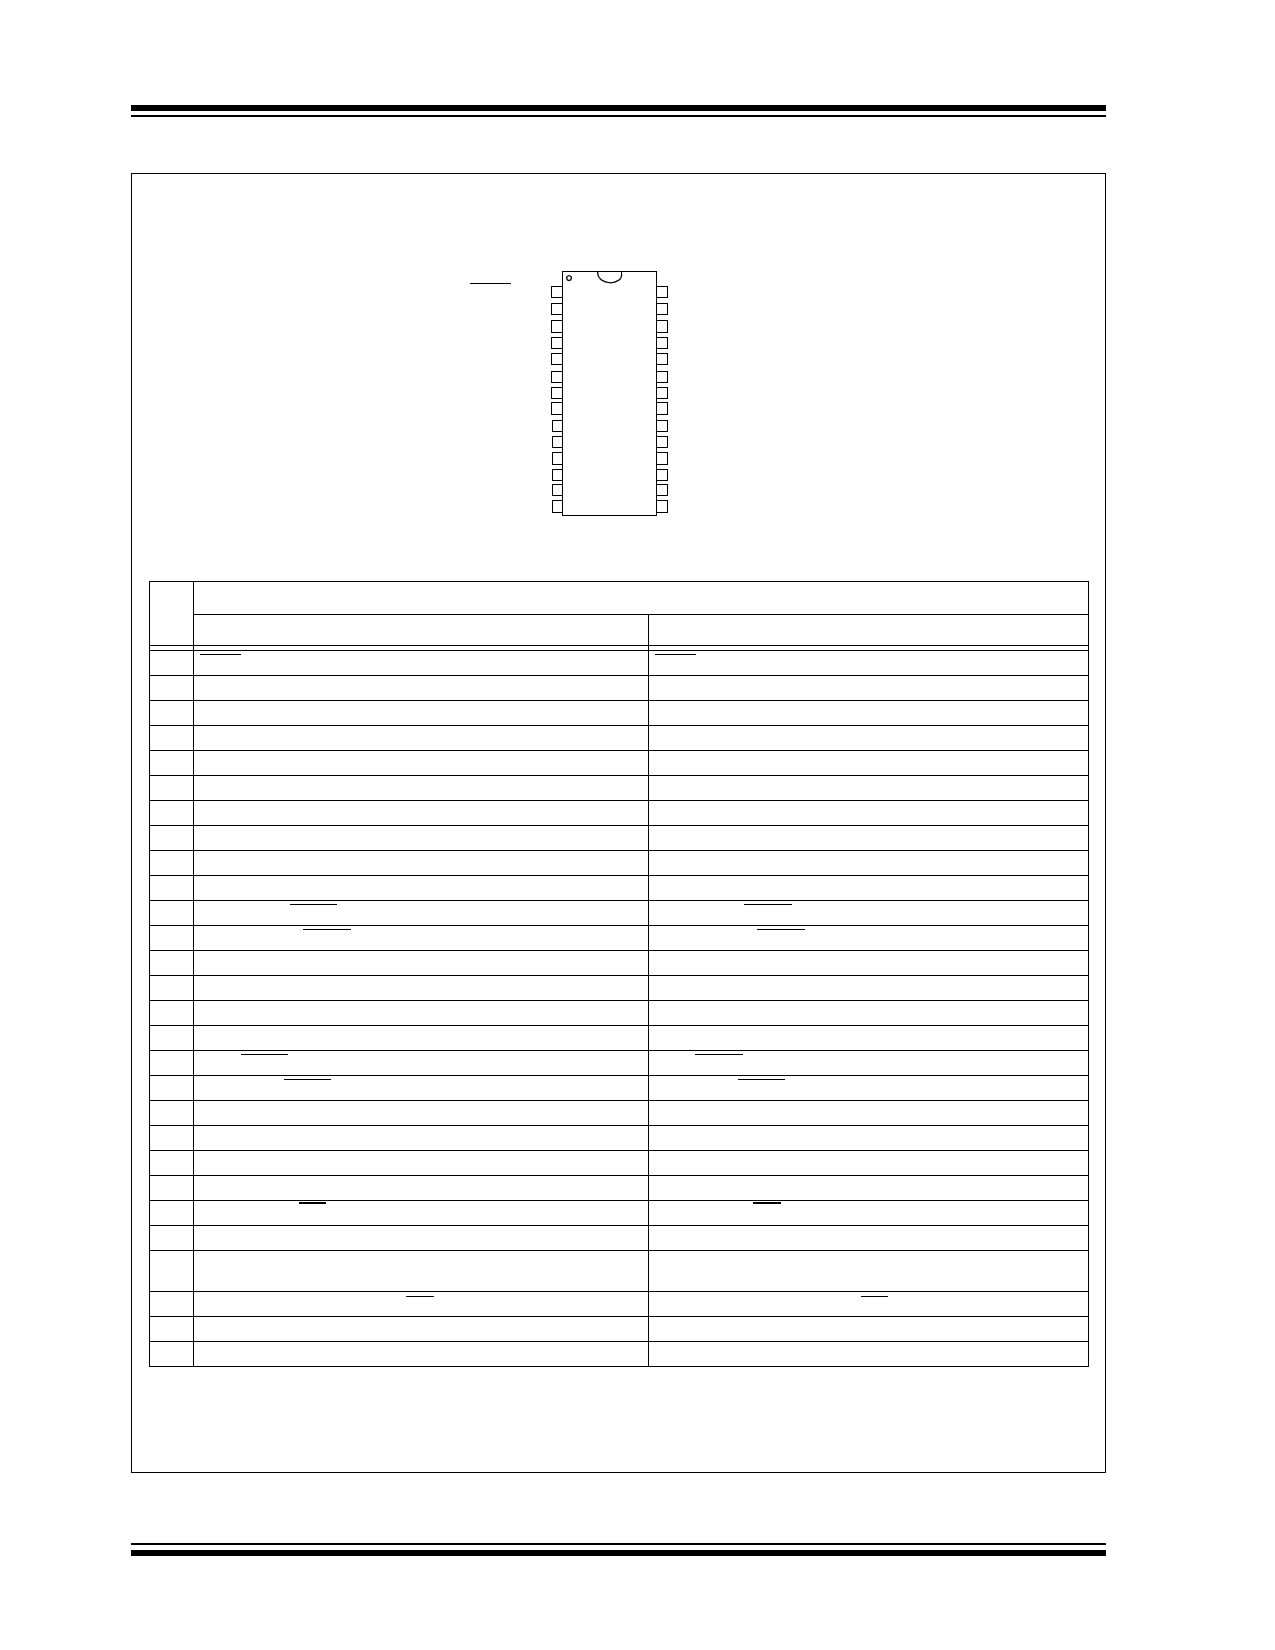 PIC24FV32KA302 pdf, 반도체, 판매, 대치품